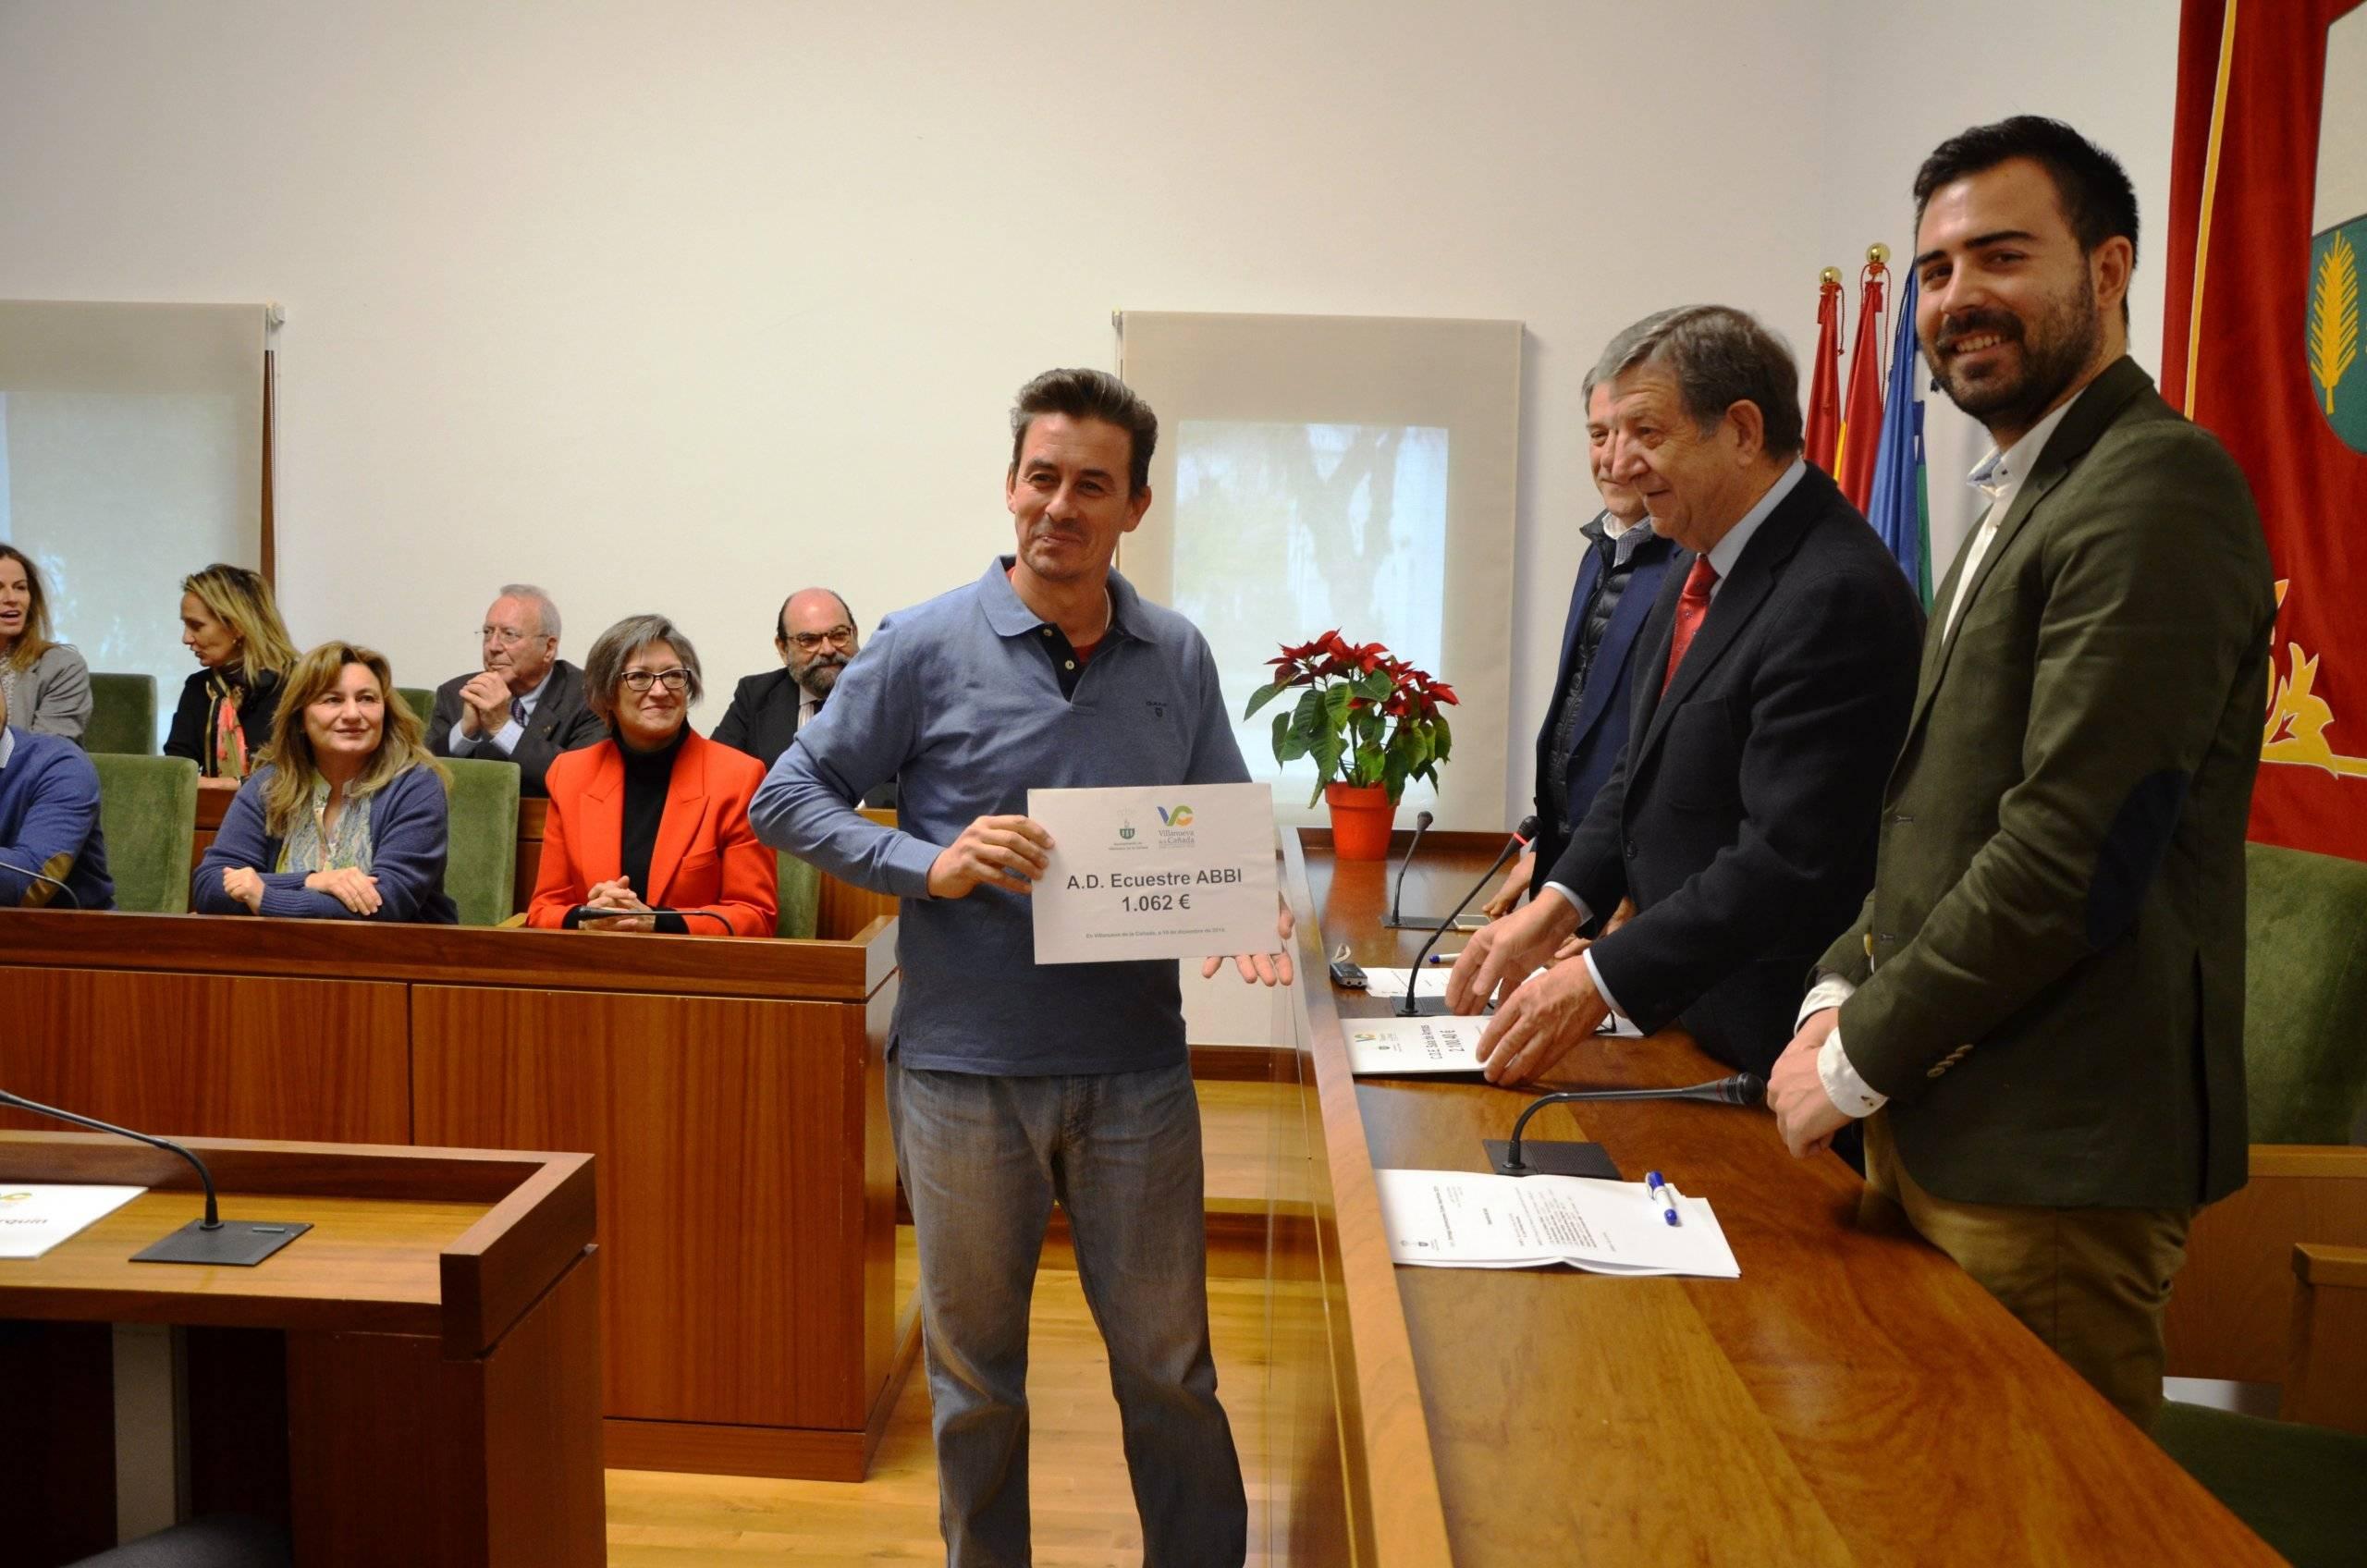 El representante del Asociación Deportiva Ecuestre ABBI recogiendo la subvención.